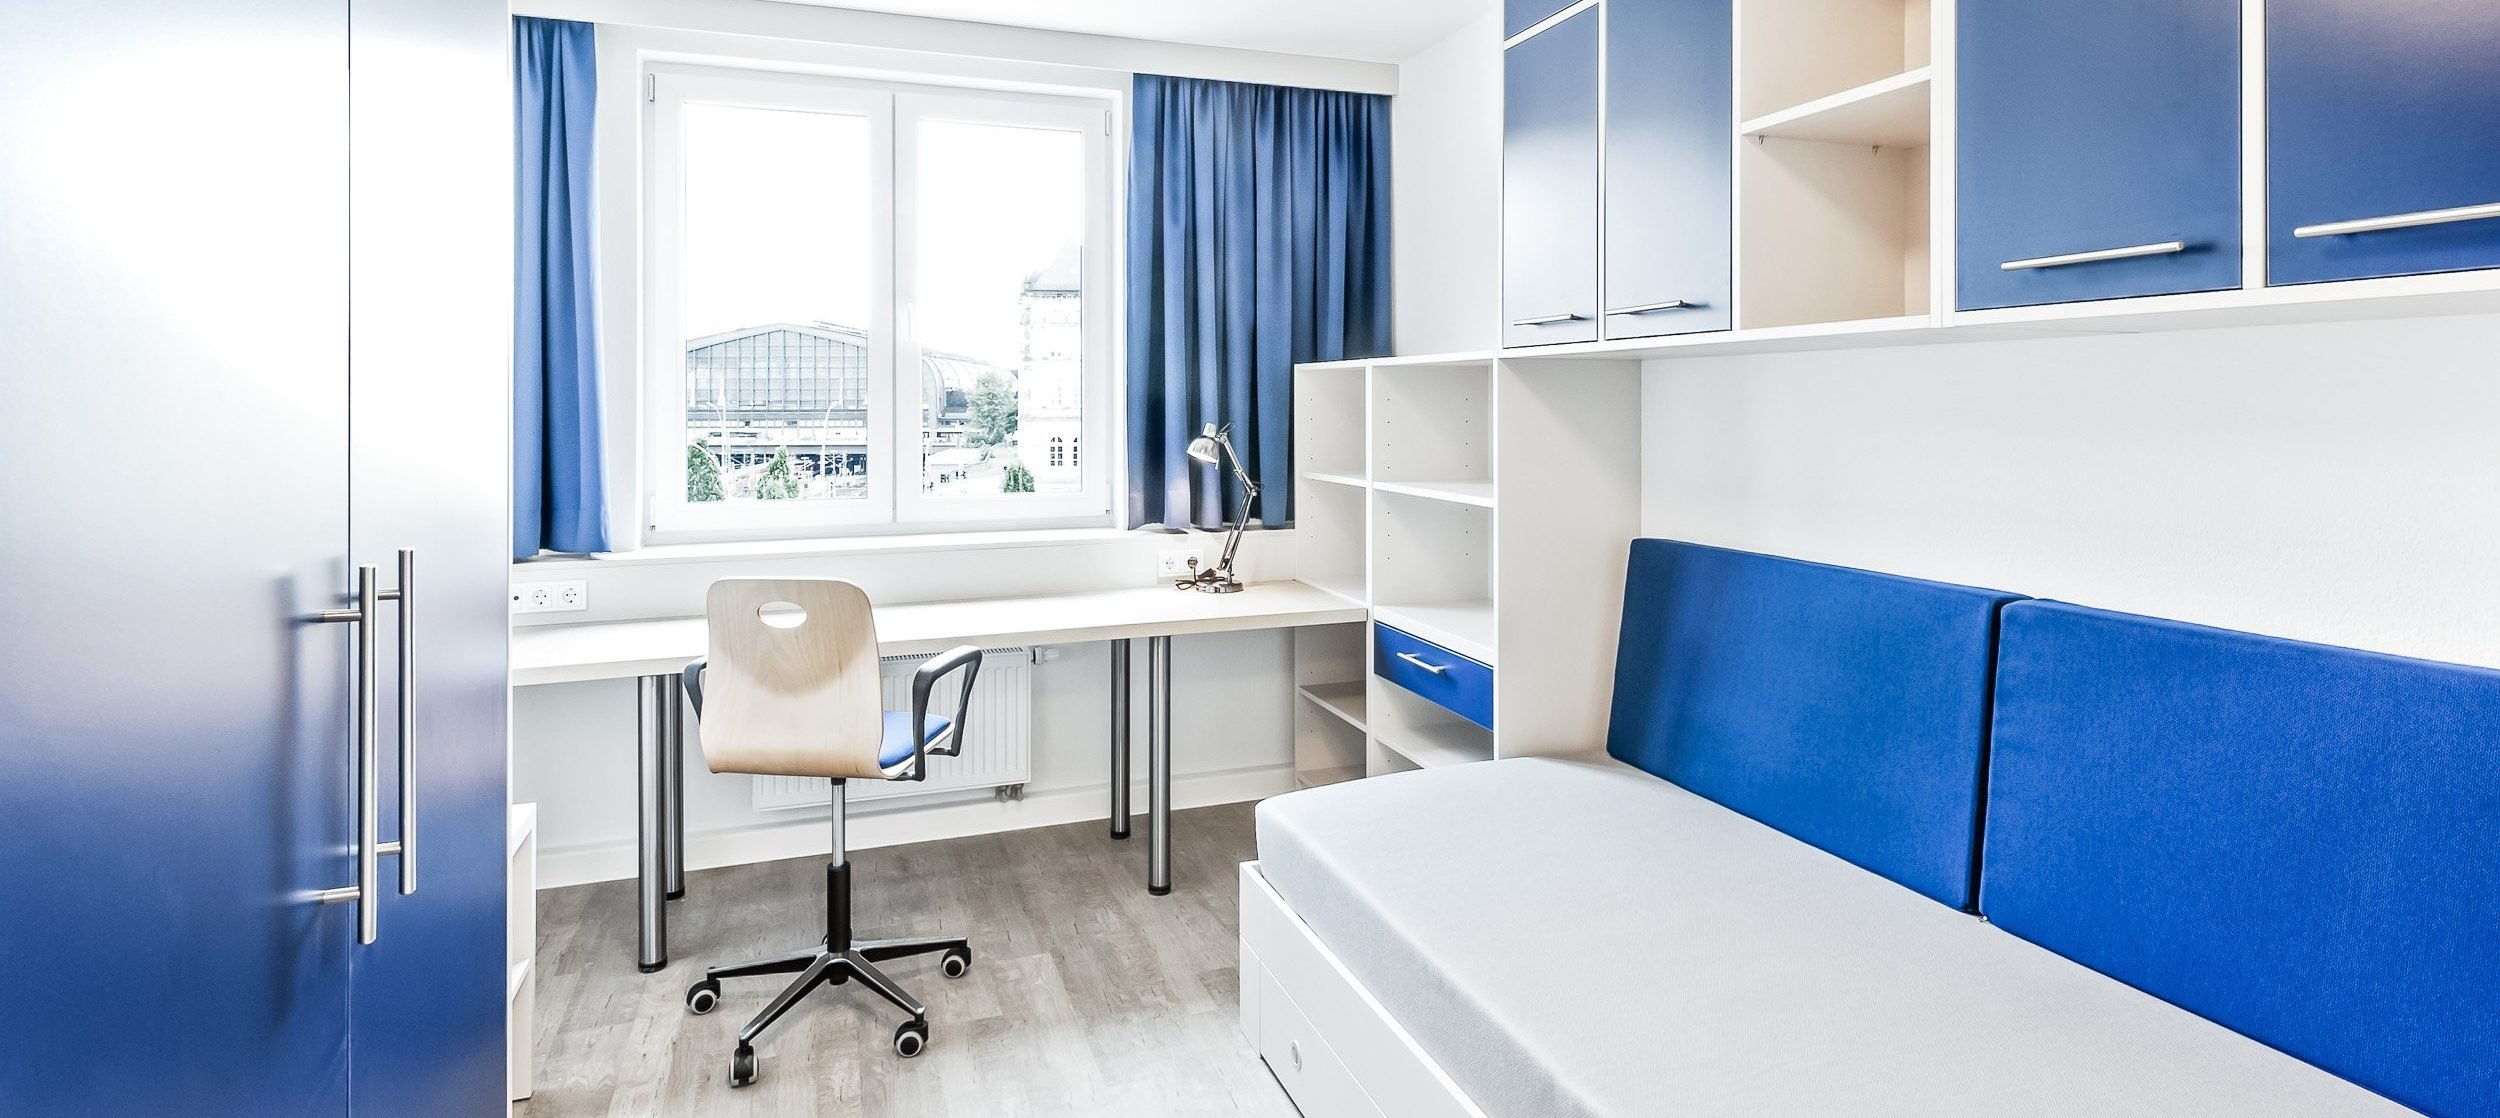 SMARTments Hamburg - Studentanapartment Wohnraum